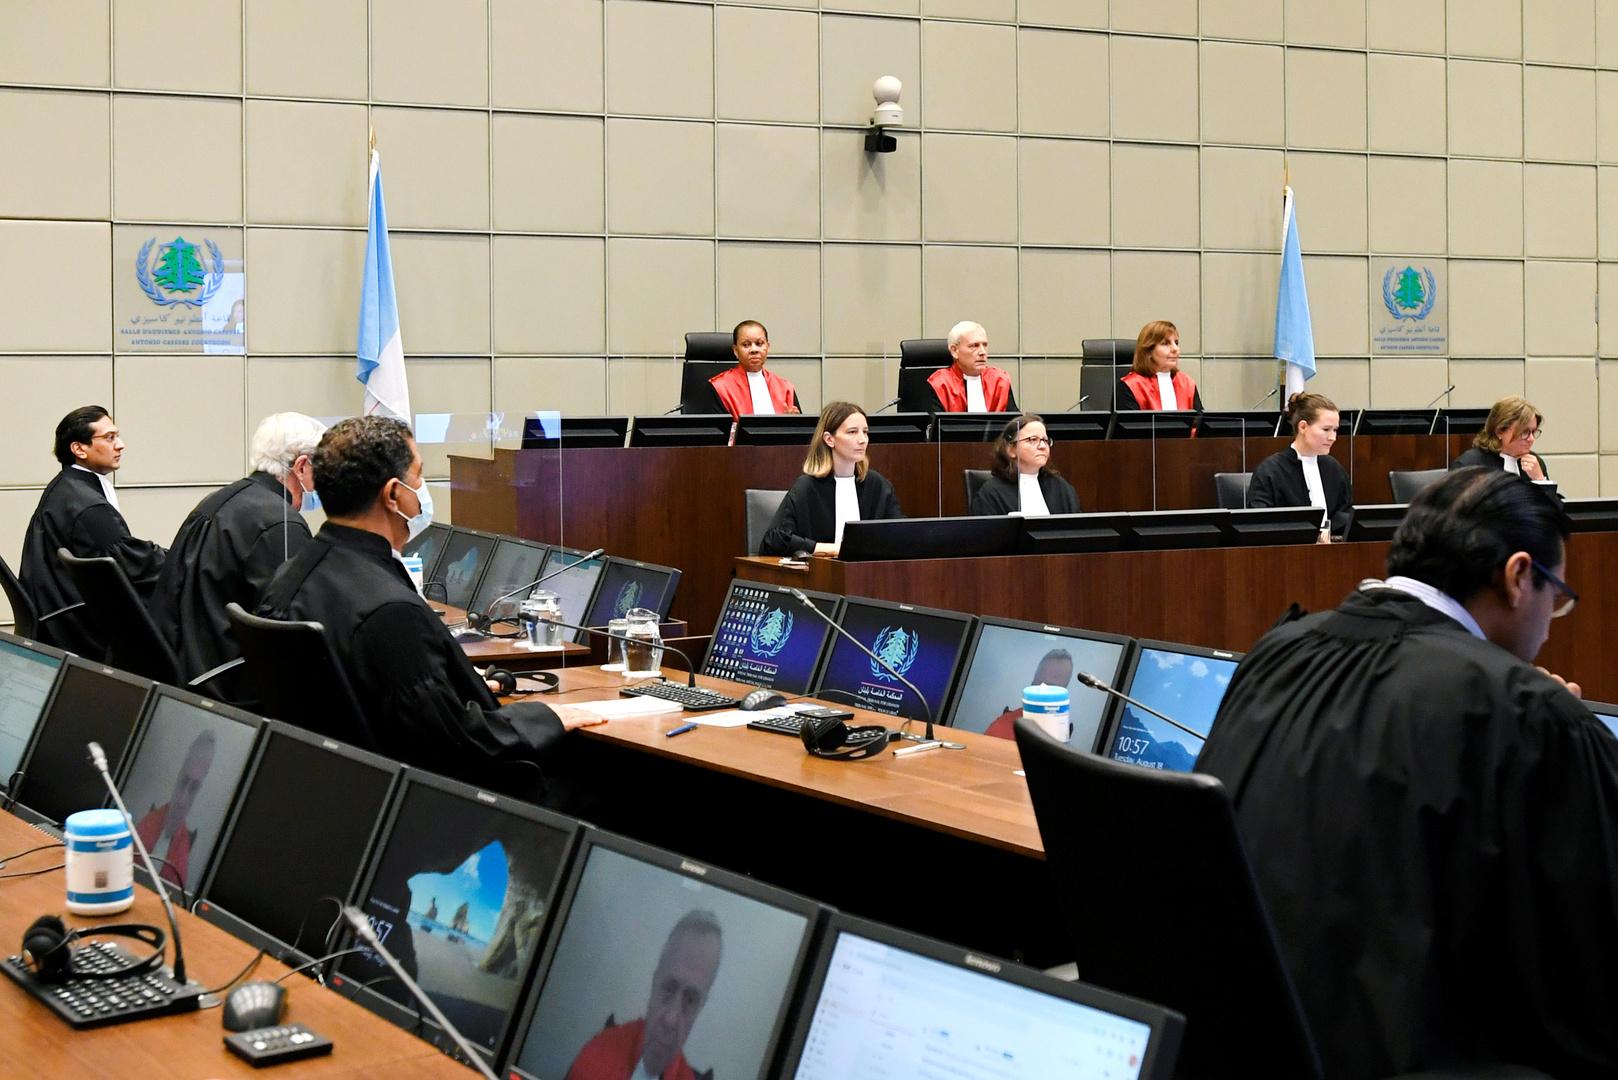 المحكمة الدولية تسمي المدان الرئيسي في اغتيال الحريري وتنفي ضلوع حزب الله وسوريا فيه